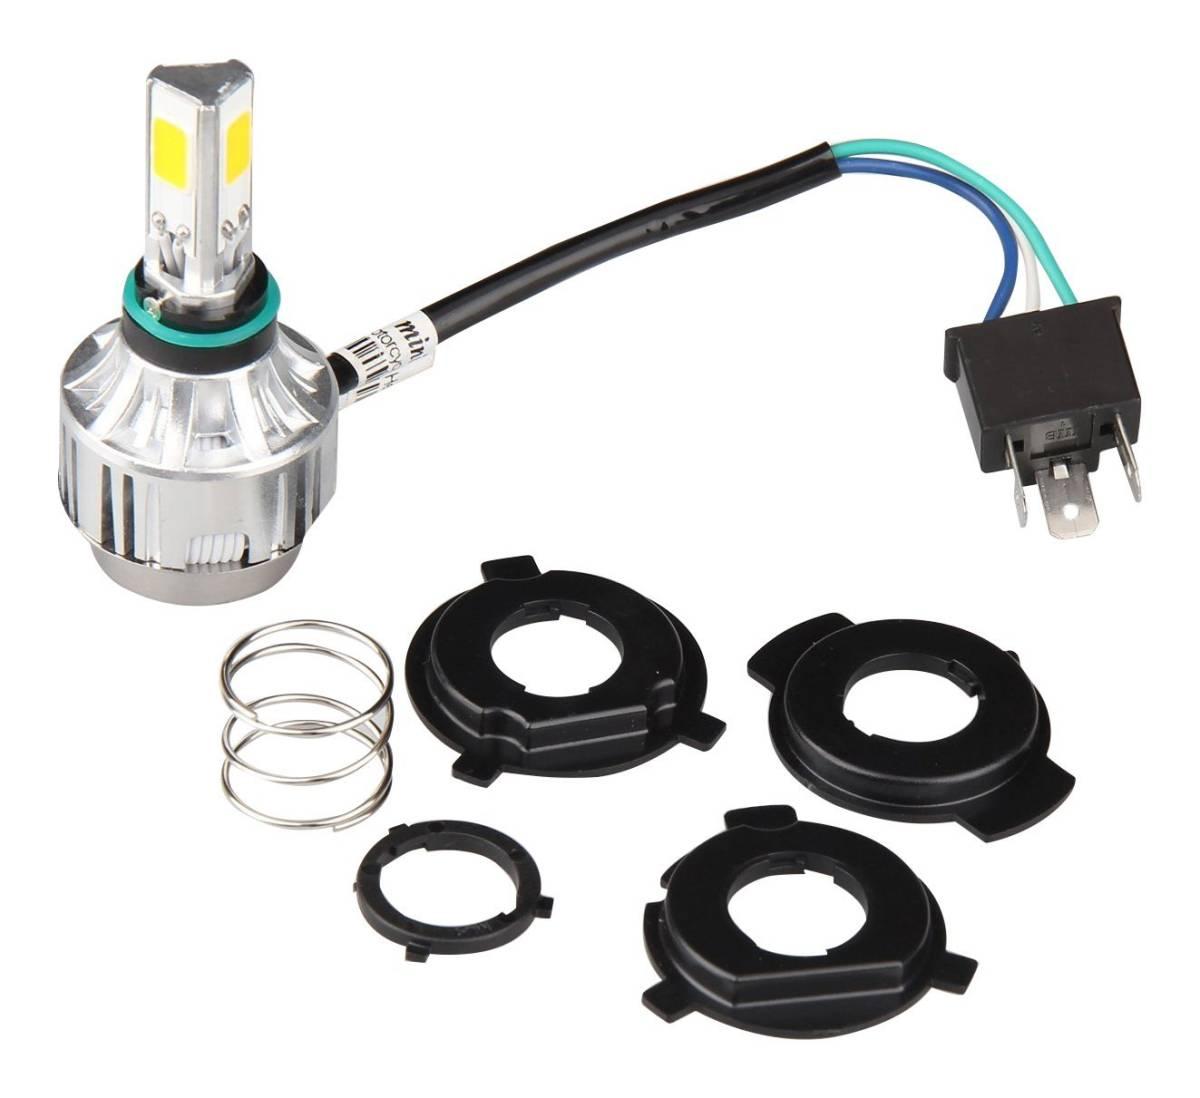 返金/交換保証 即出荷 オートバイ 二輪用 LEDヘッドライト 2000LM 6V~36V H4R1/PH7/PH8 対応